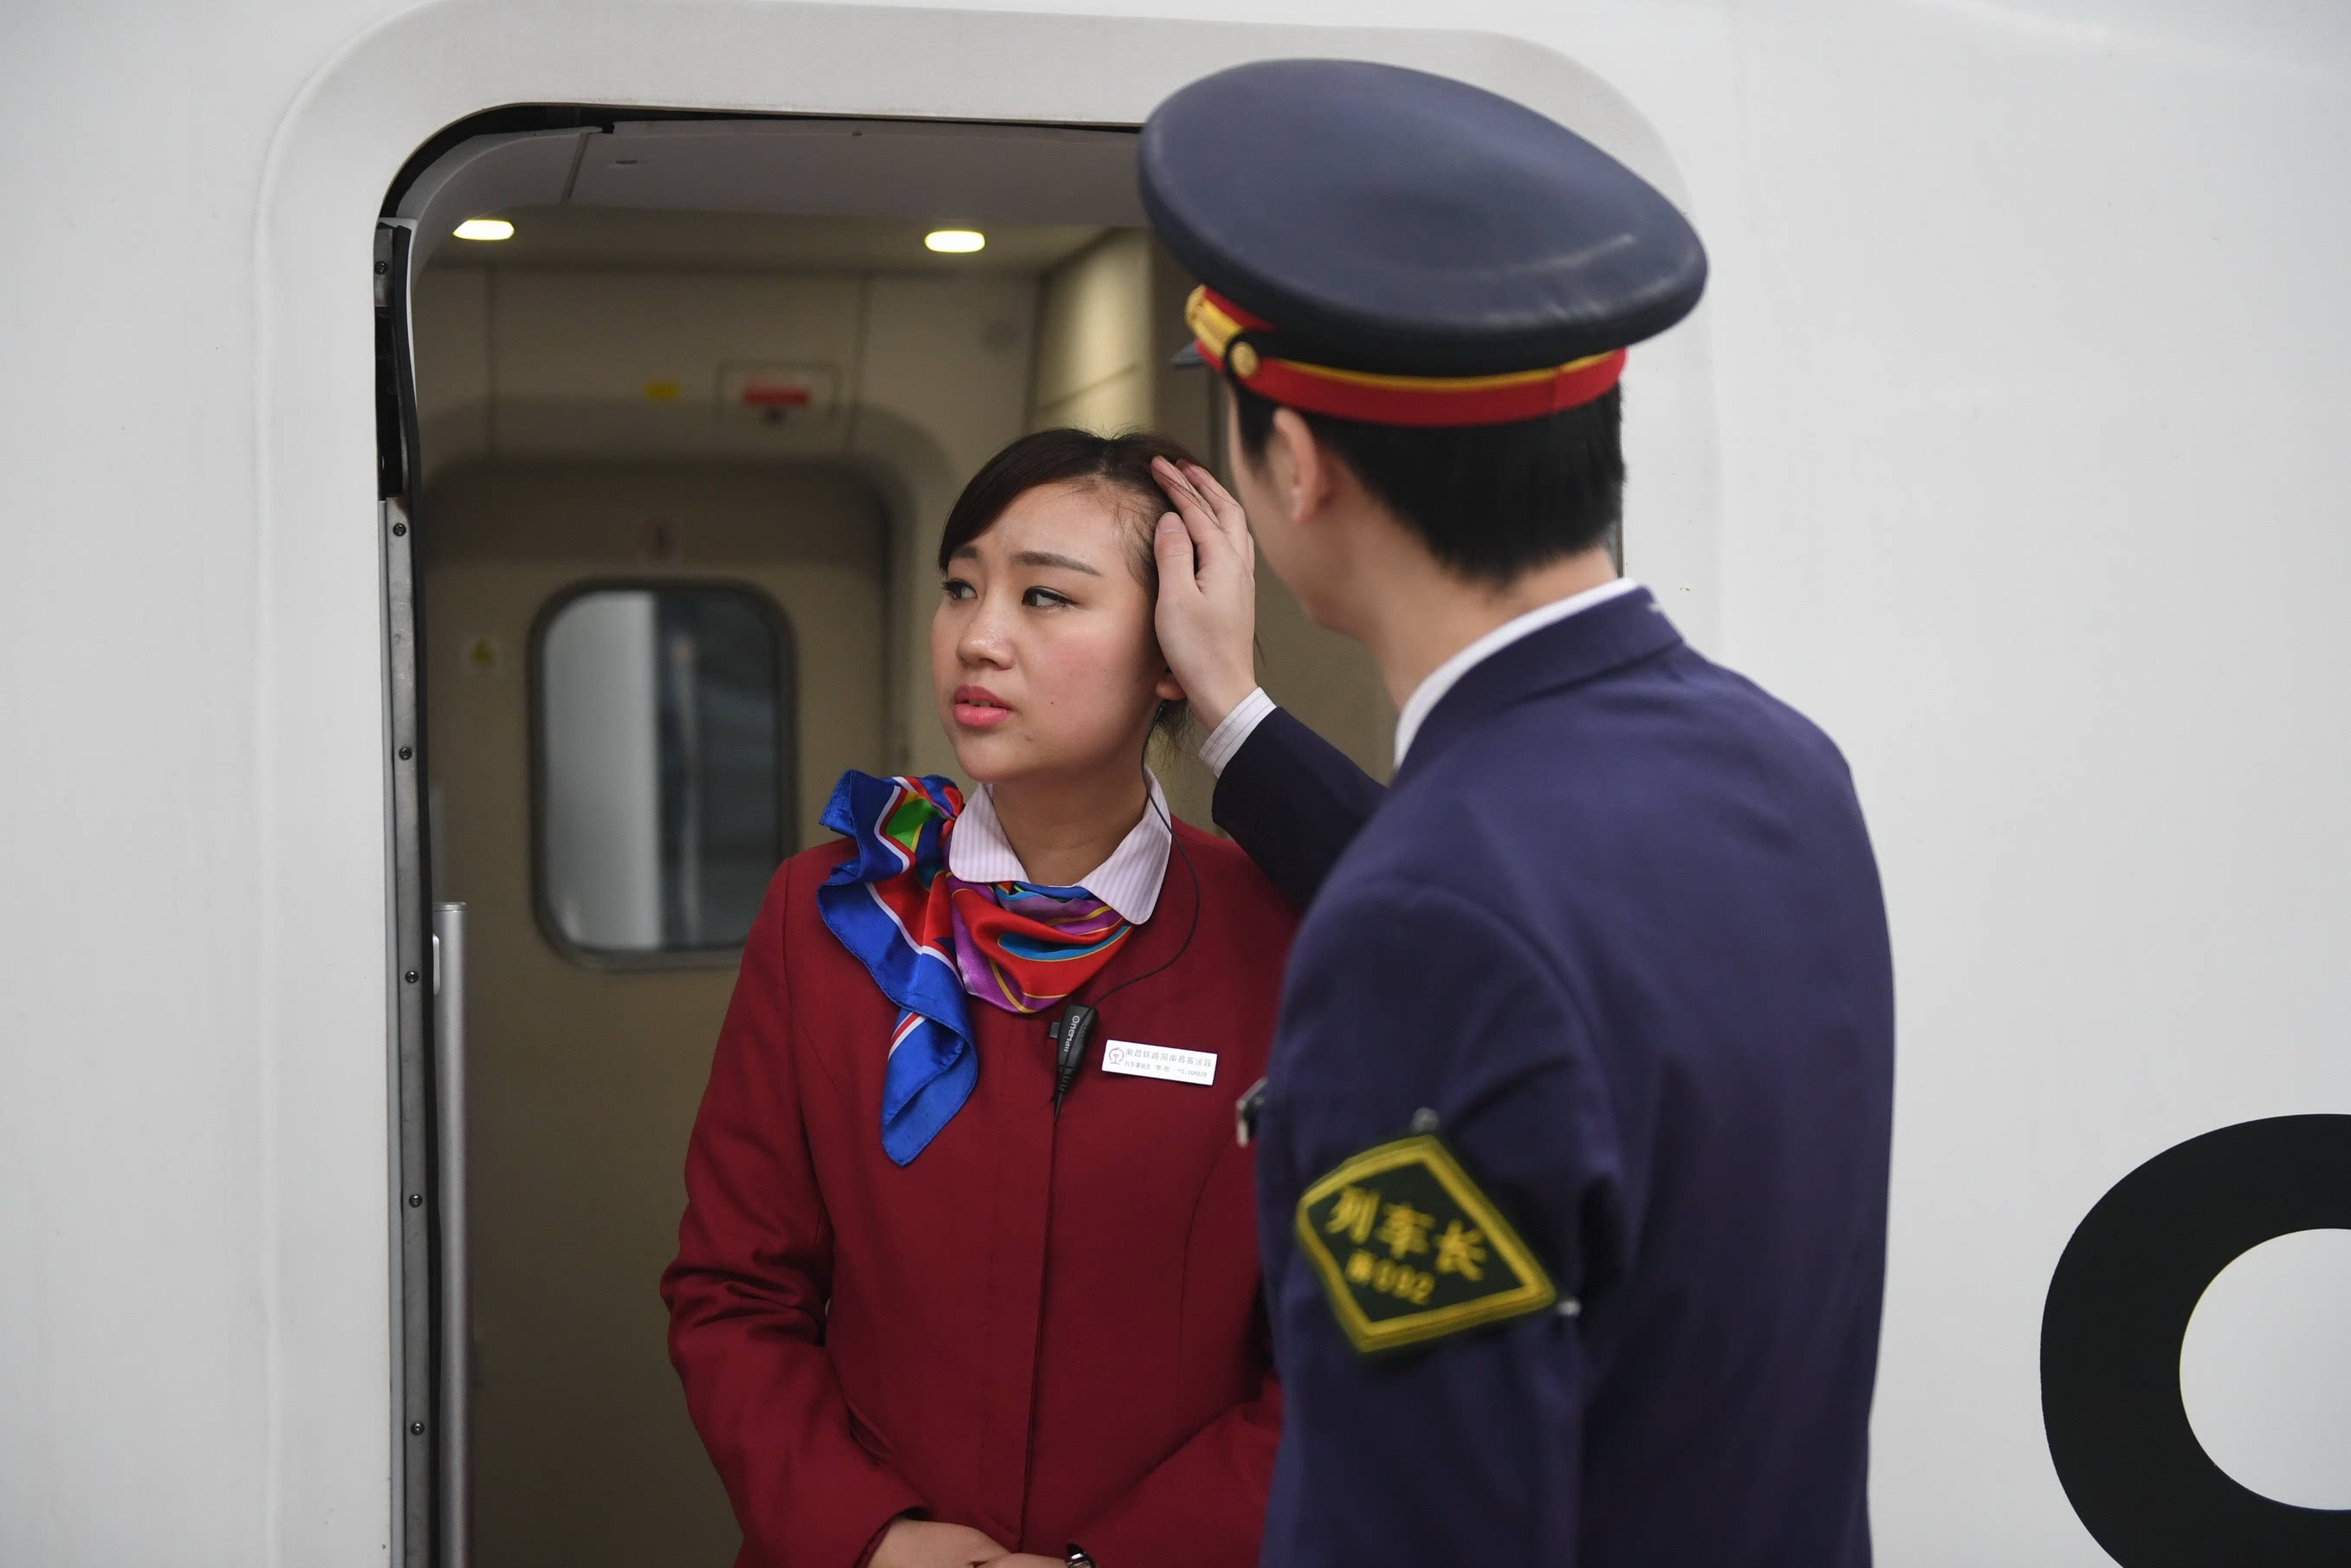 1月25日,在南昌火车站站台,魏星(右)在为妻子整理头发.图片